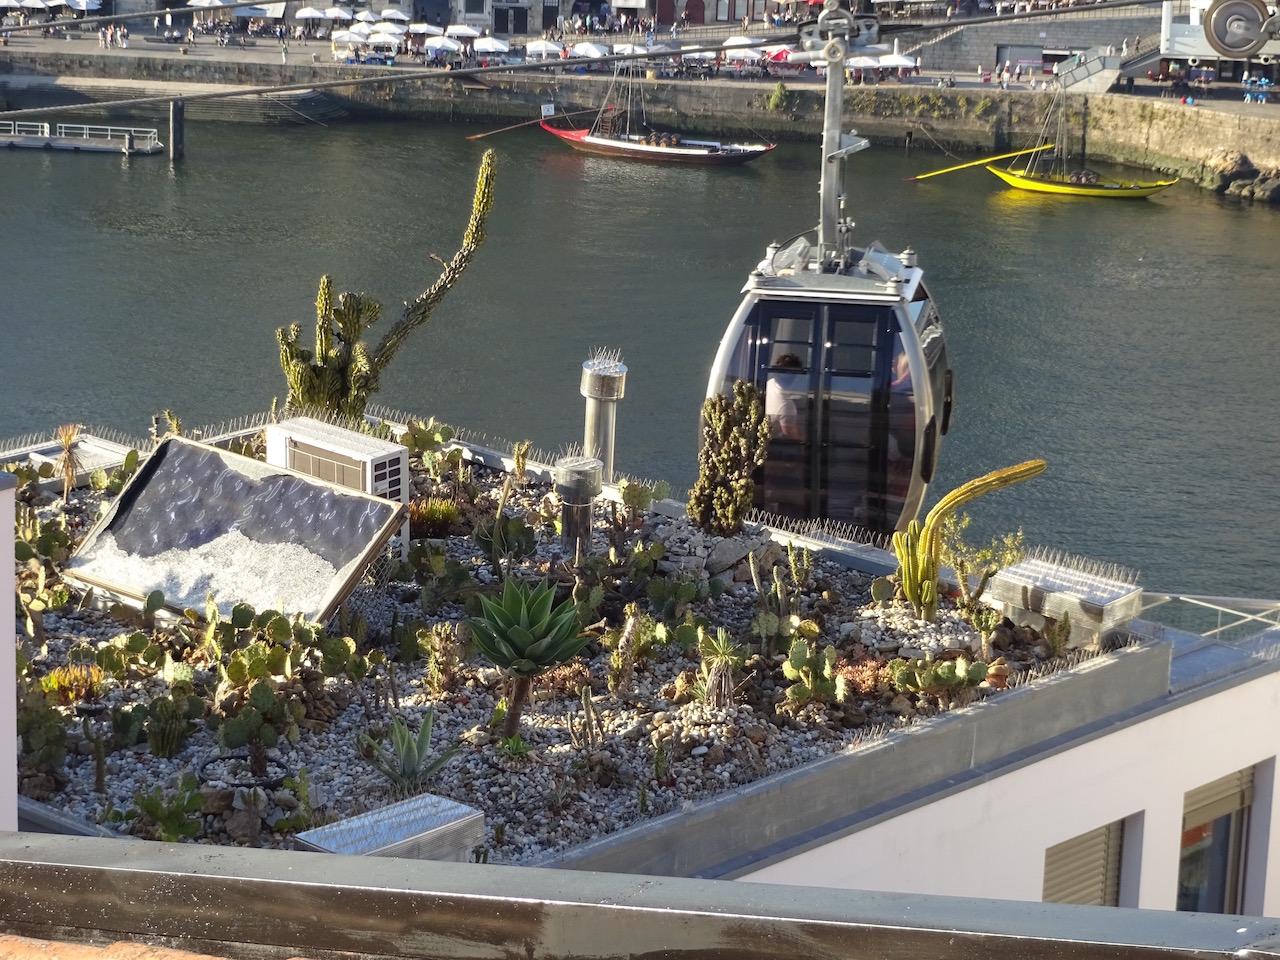 Dachbepflanzung mit Kakteen, im Hintergrund die Seilbahn und der Rio Doro